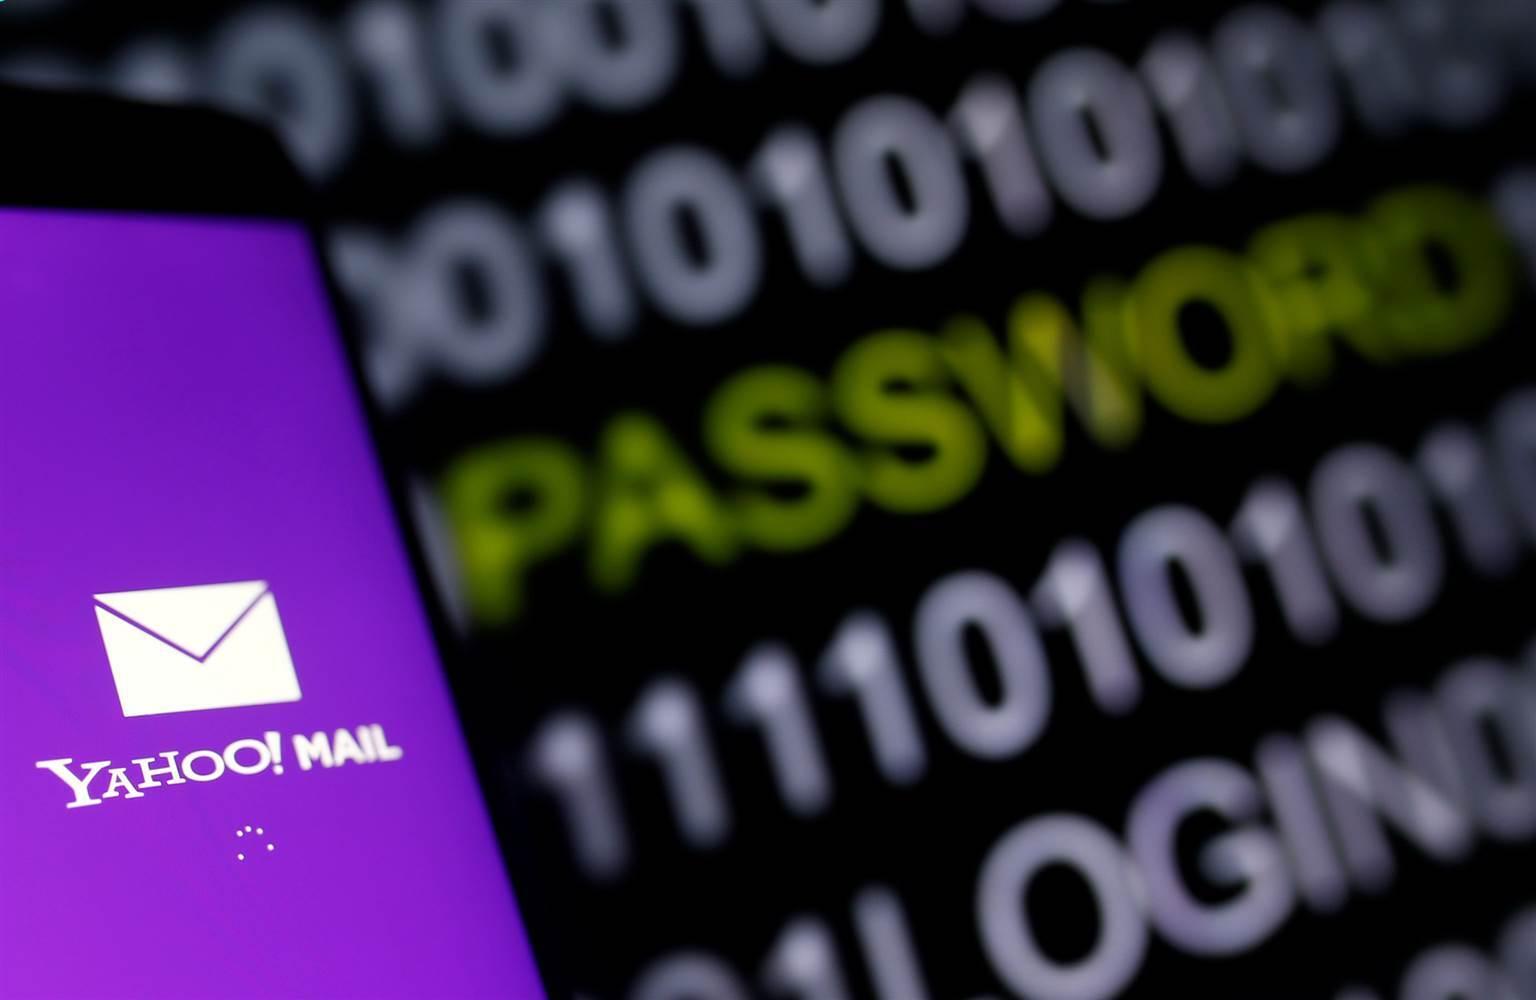 Экс-сотрудник Yahoo, воровавший интимные фото клиентов компании, получил условный срок